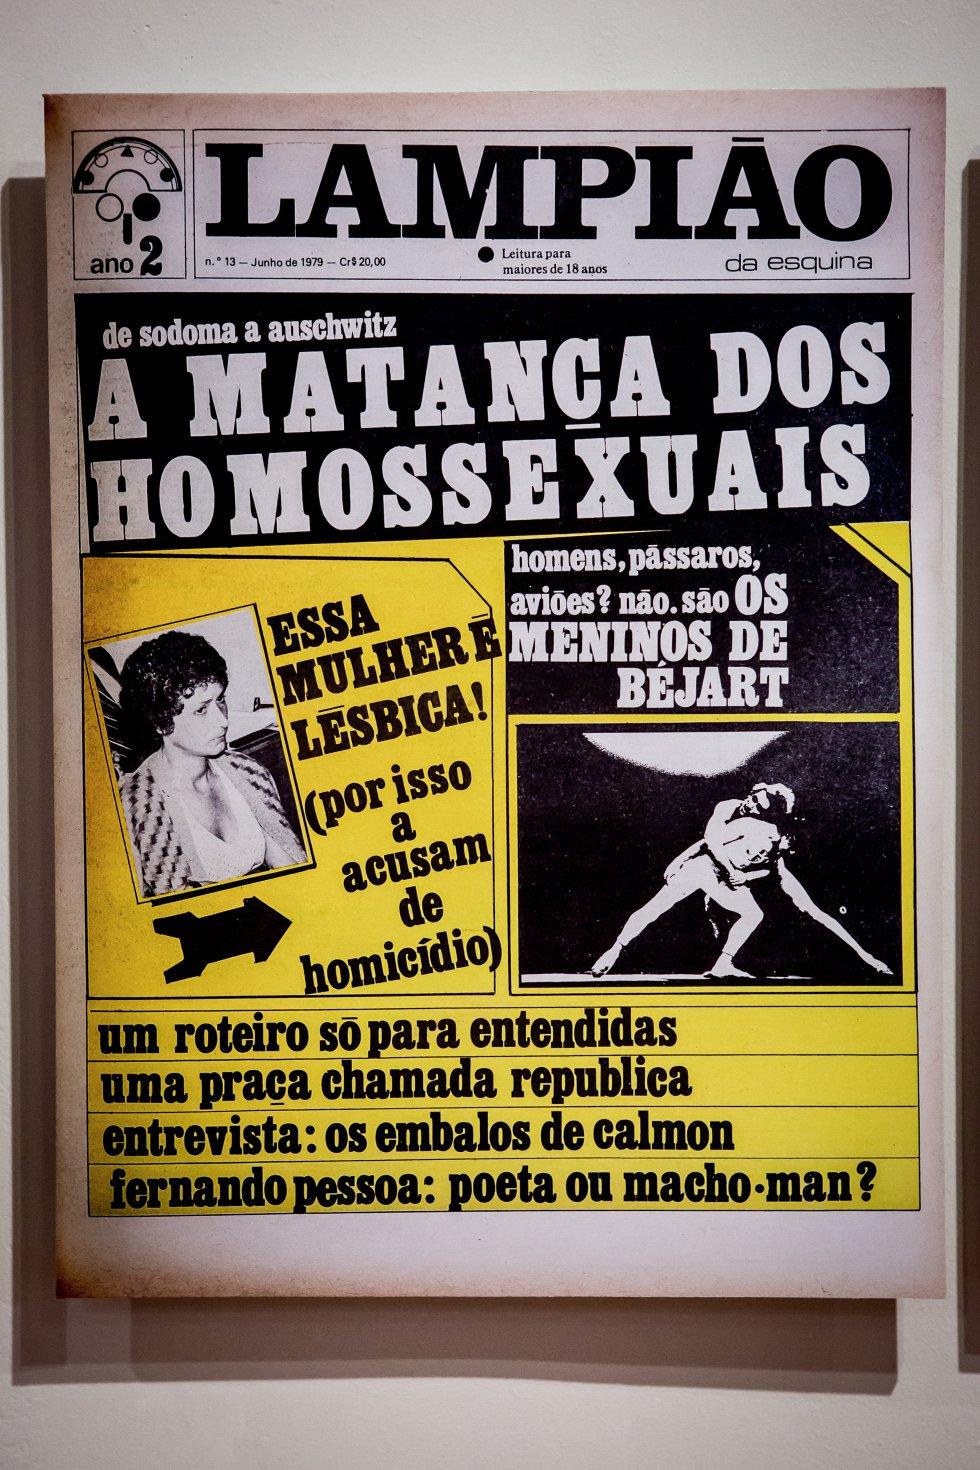 Un ejemplar de Lampião (farola en portugués), una irreverente revista dirigida a lectores homosexuales que circuló en São Pauloa finales de los setenta y principios de los ochenta. Está incluida en la exposición As metamorfoses.